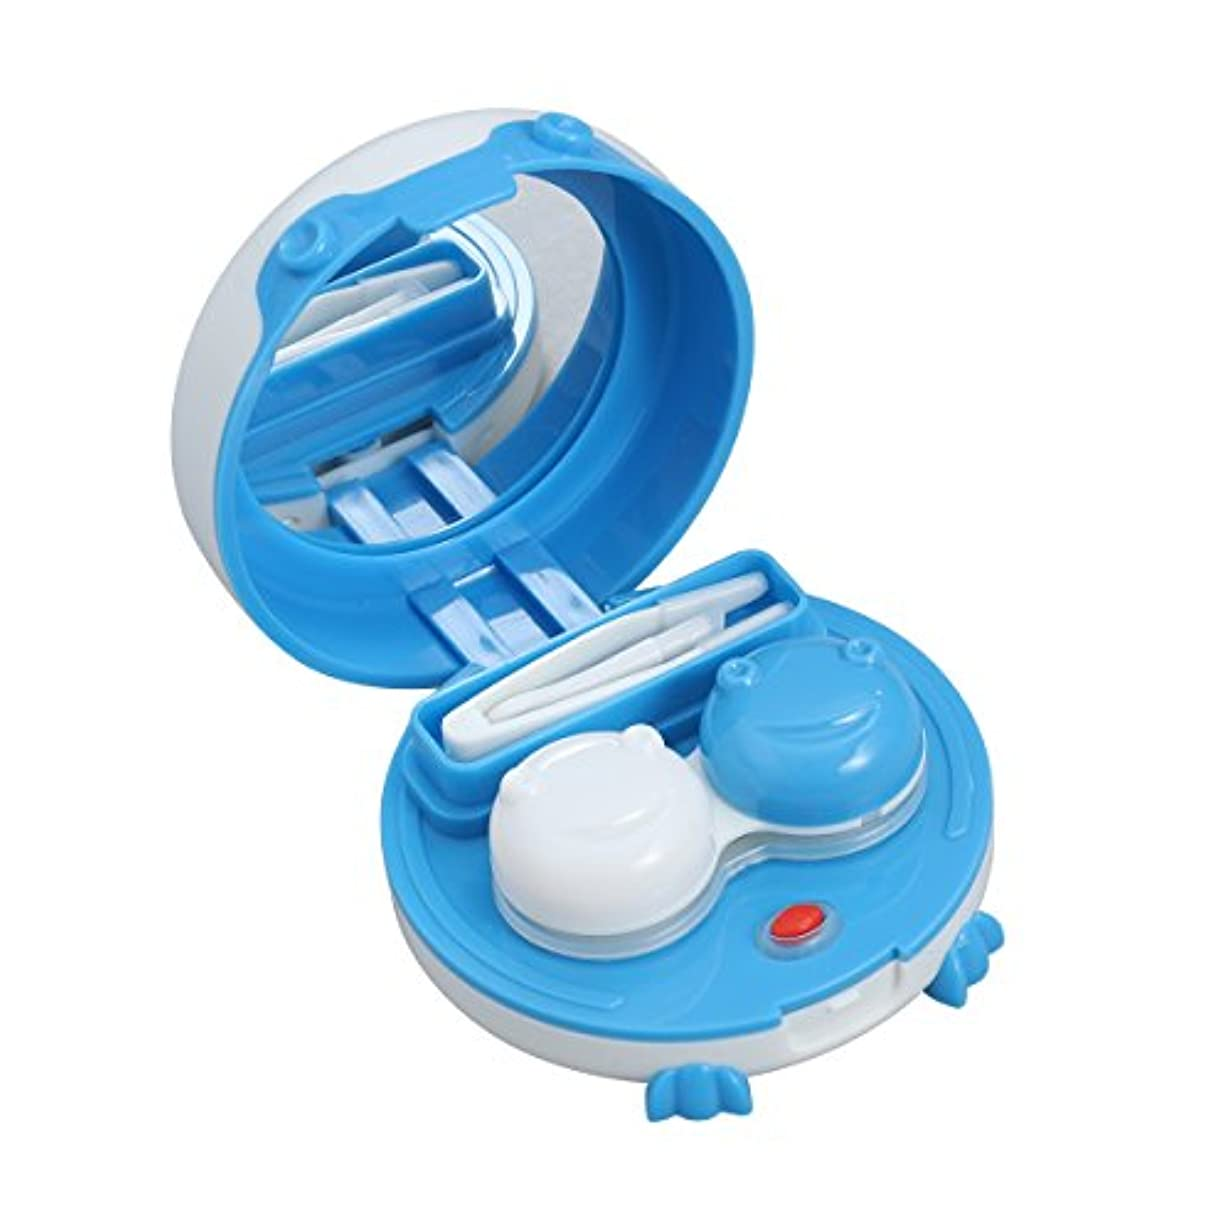 家庭用およびトラベル用ミラーピンセットアプリケータおよびソリューションボトルレンズ収納ボックスコンテナ付きコンタクトレンズトラベルケースホルダー